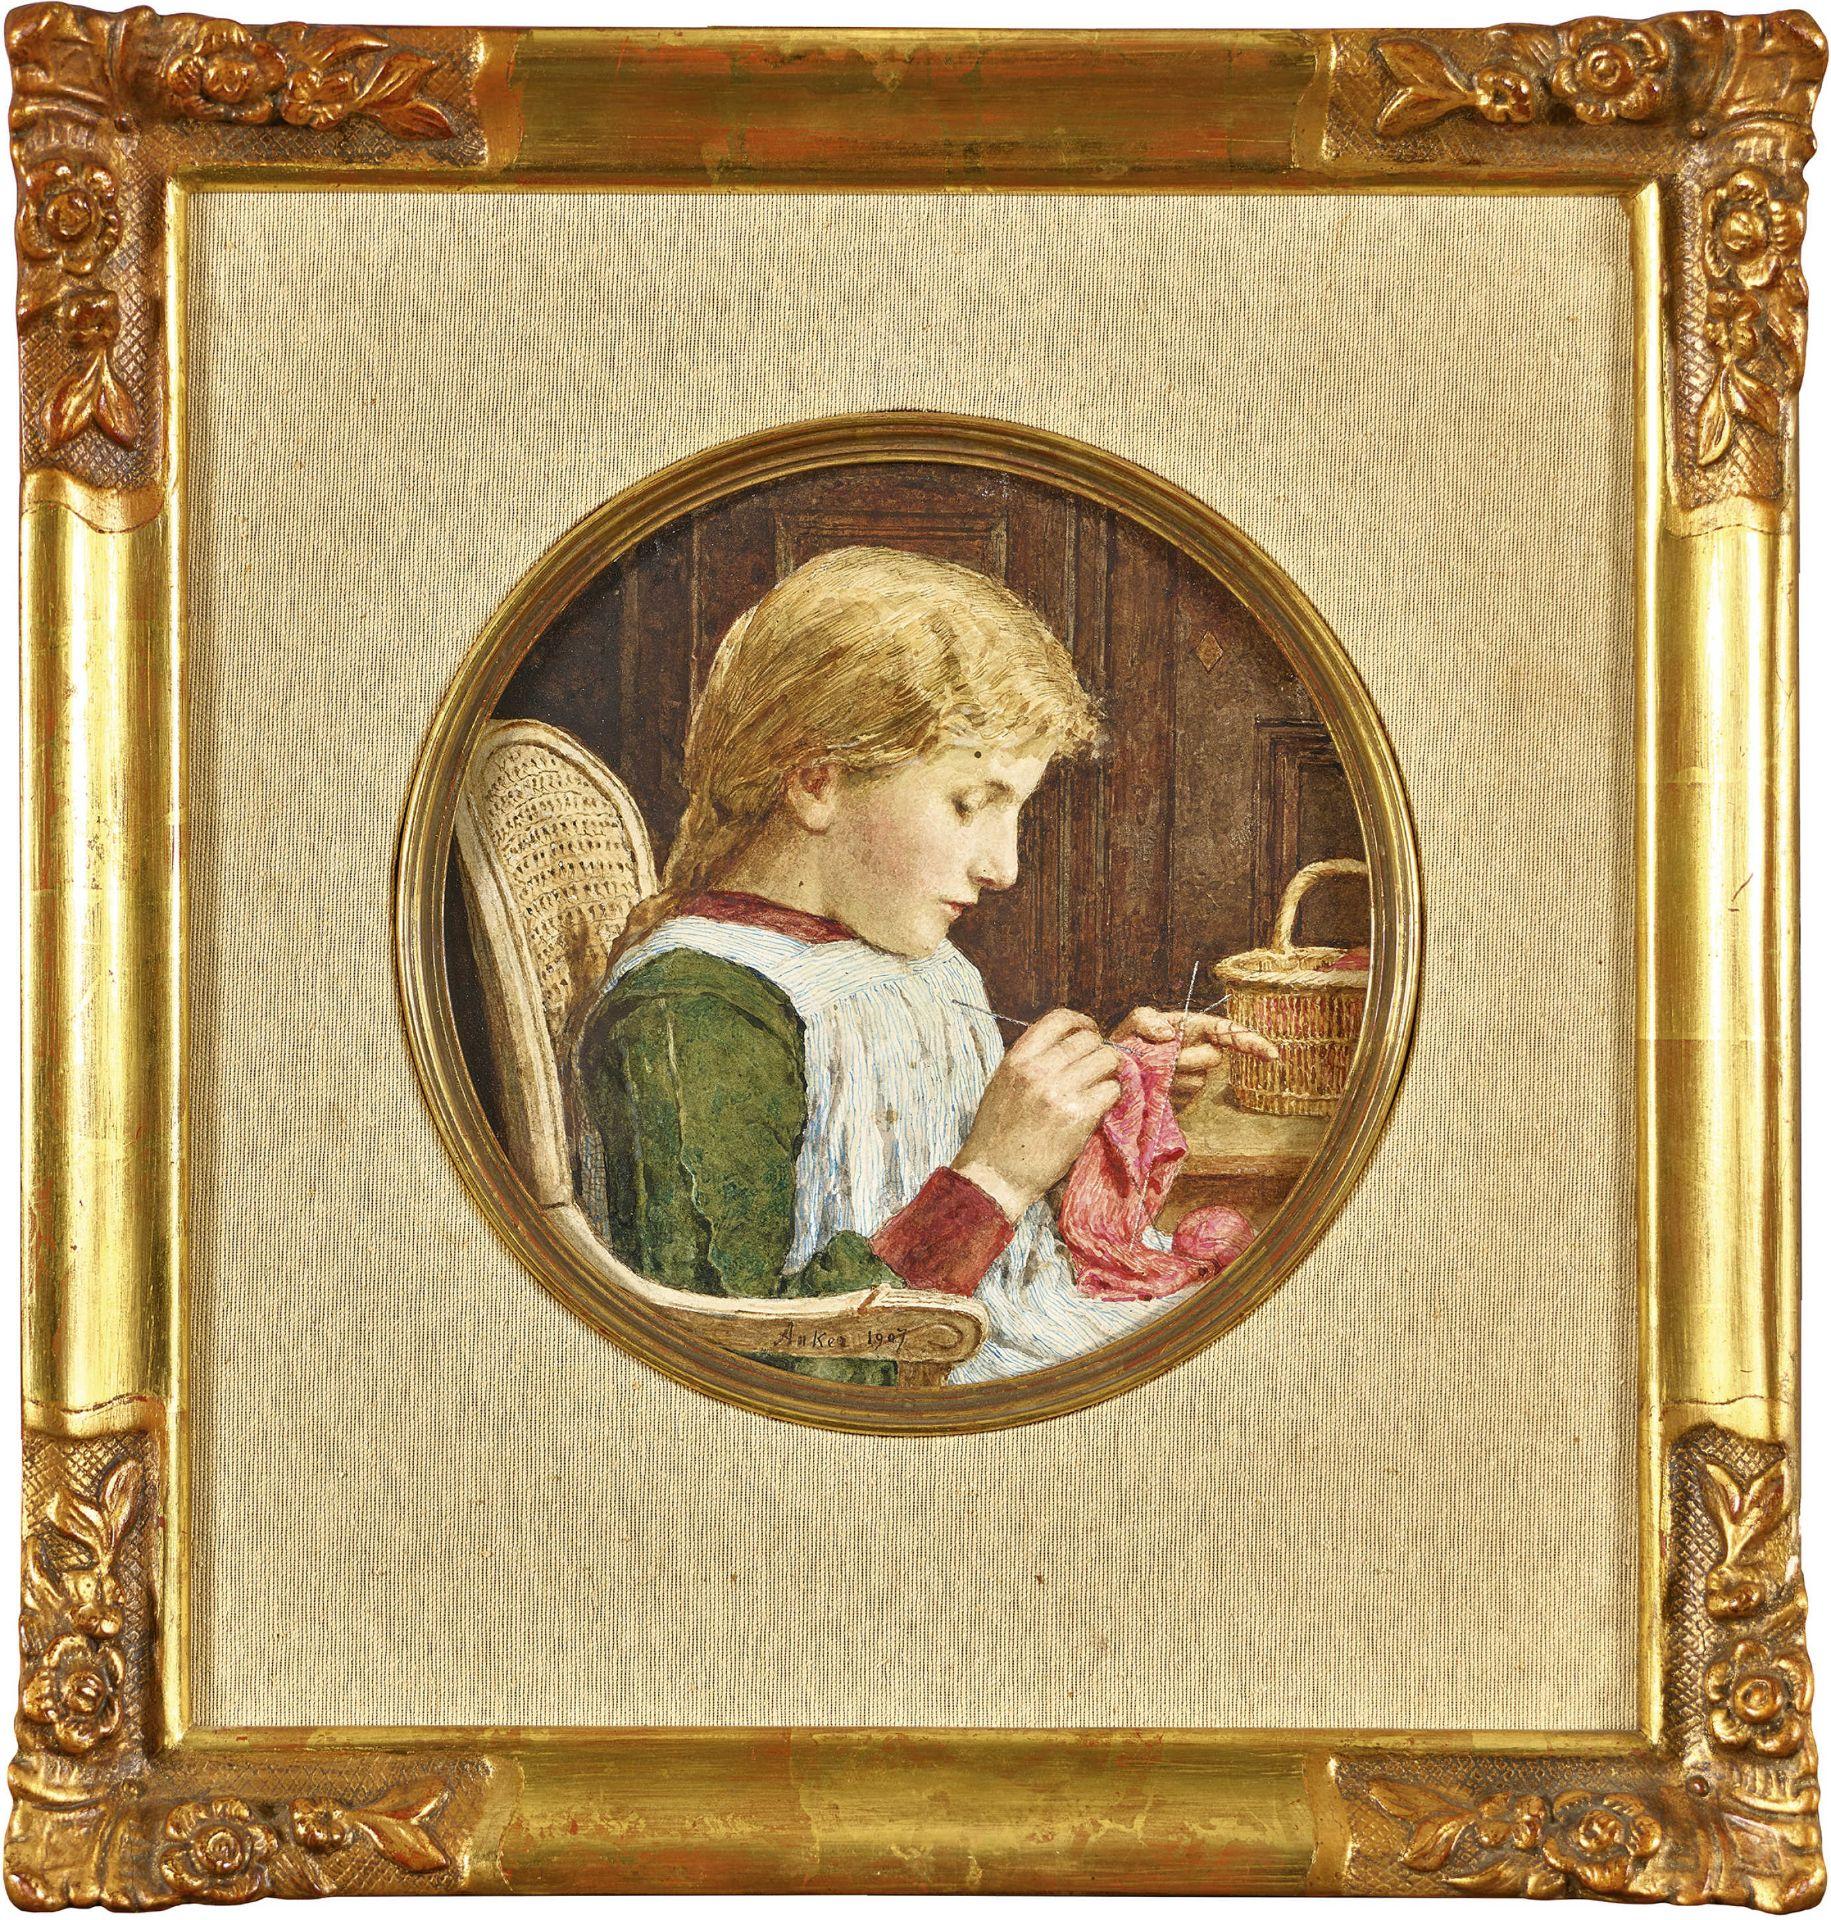 ANKER, ALBERT: Mädchen mit Strickarbeit. - Image 2 of 3